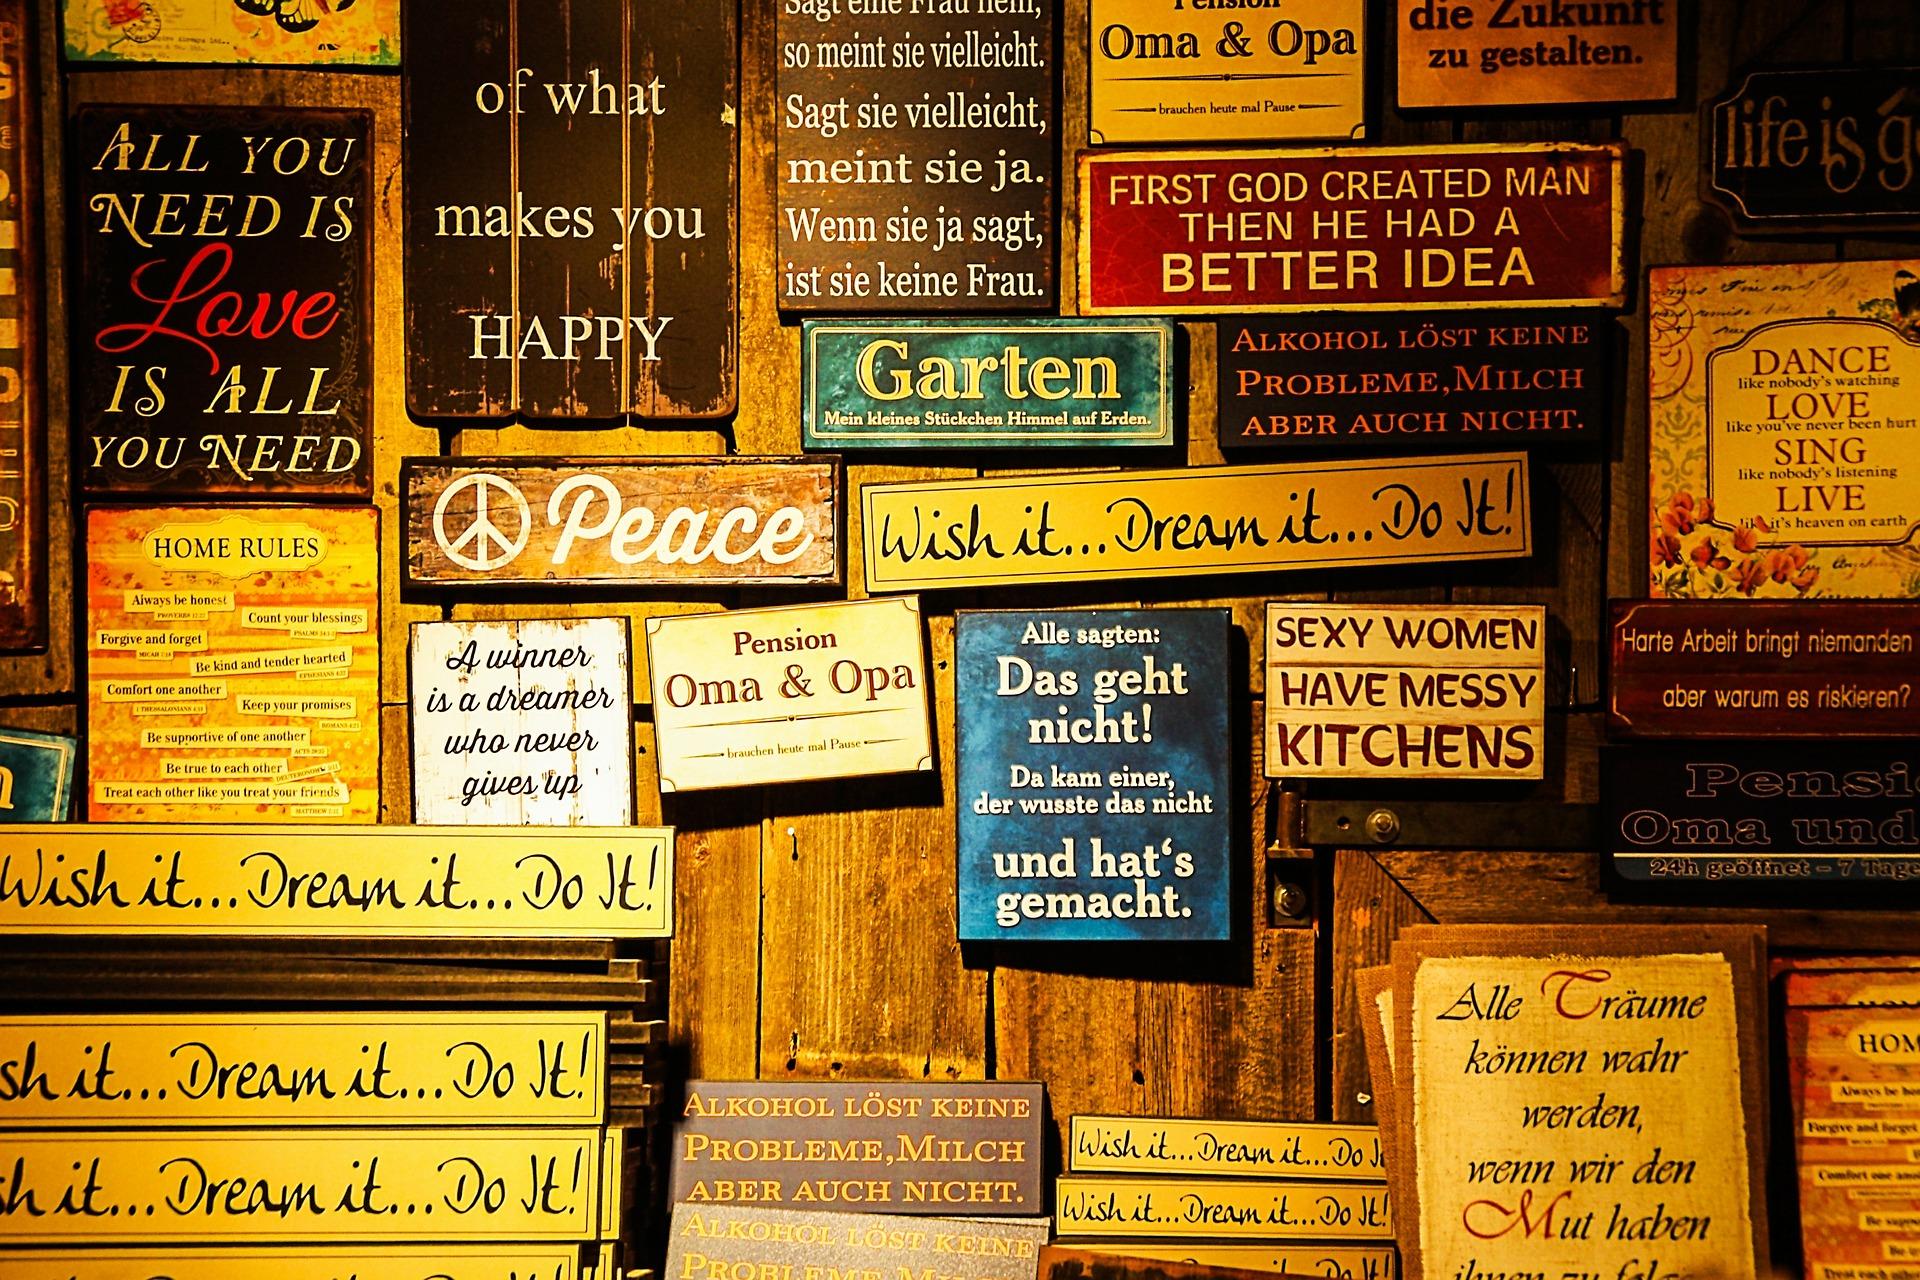 Consume Wisdom - Proverbs 9:1-6